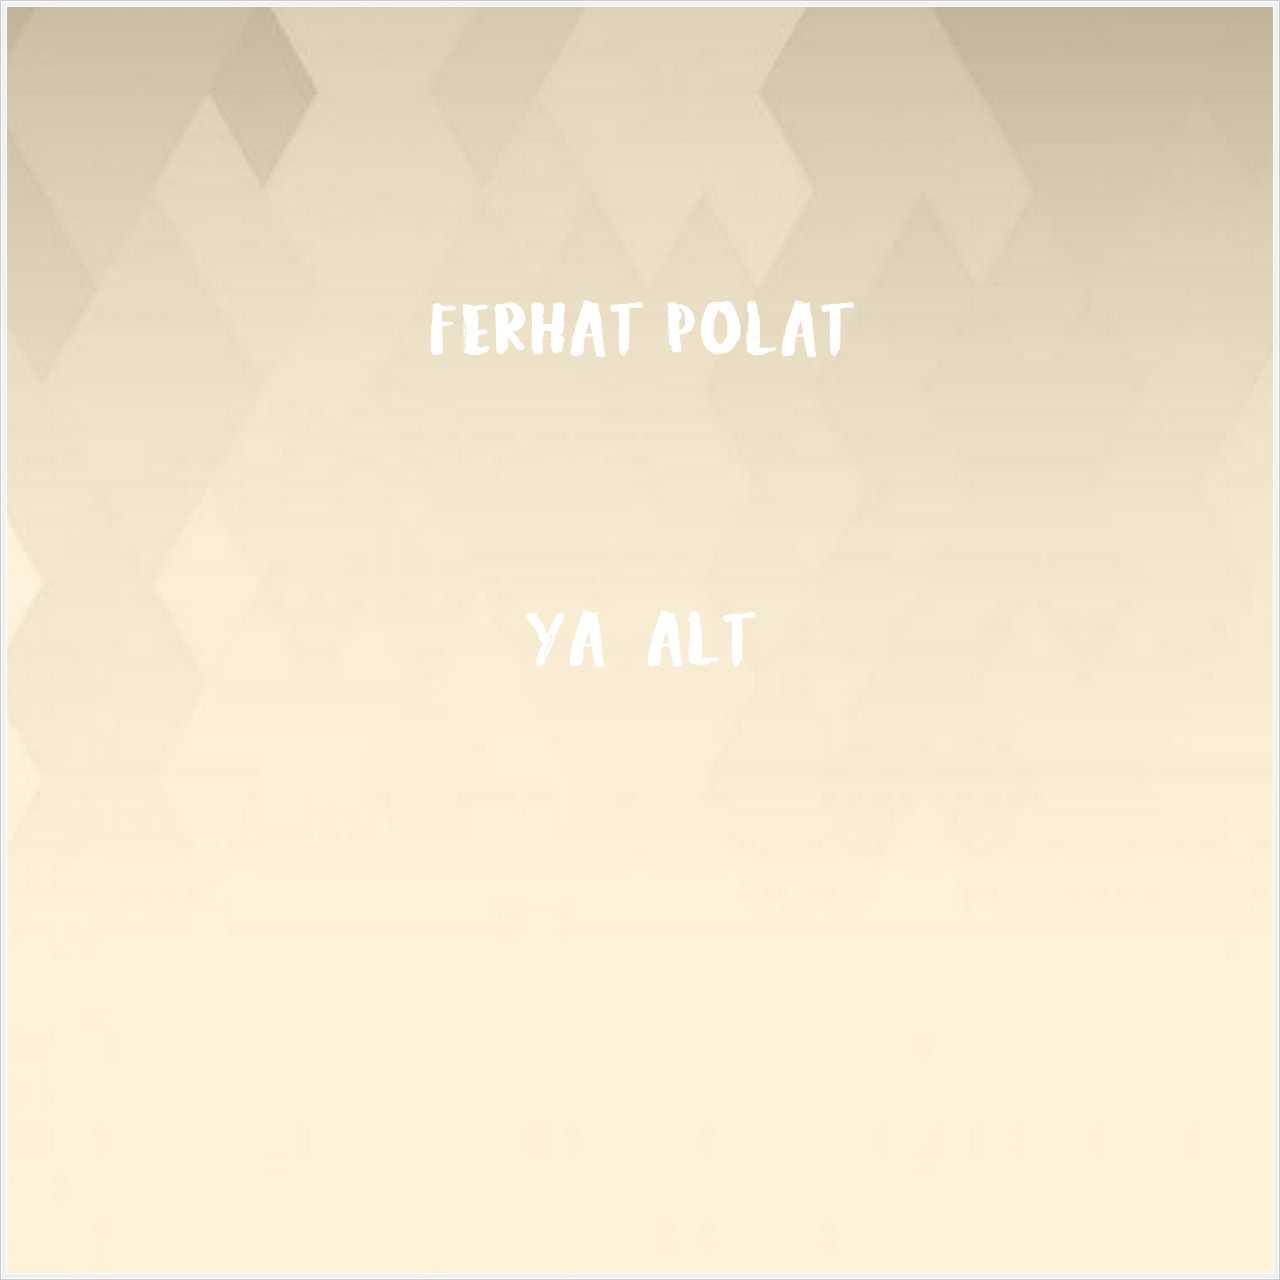 دانلود آهنگ جدید Ferhat Polat به نام Yaş Altı